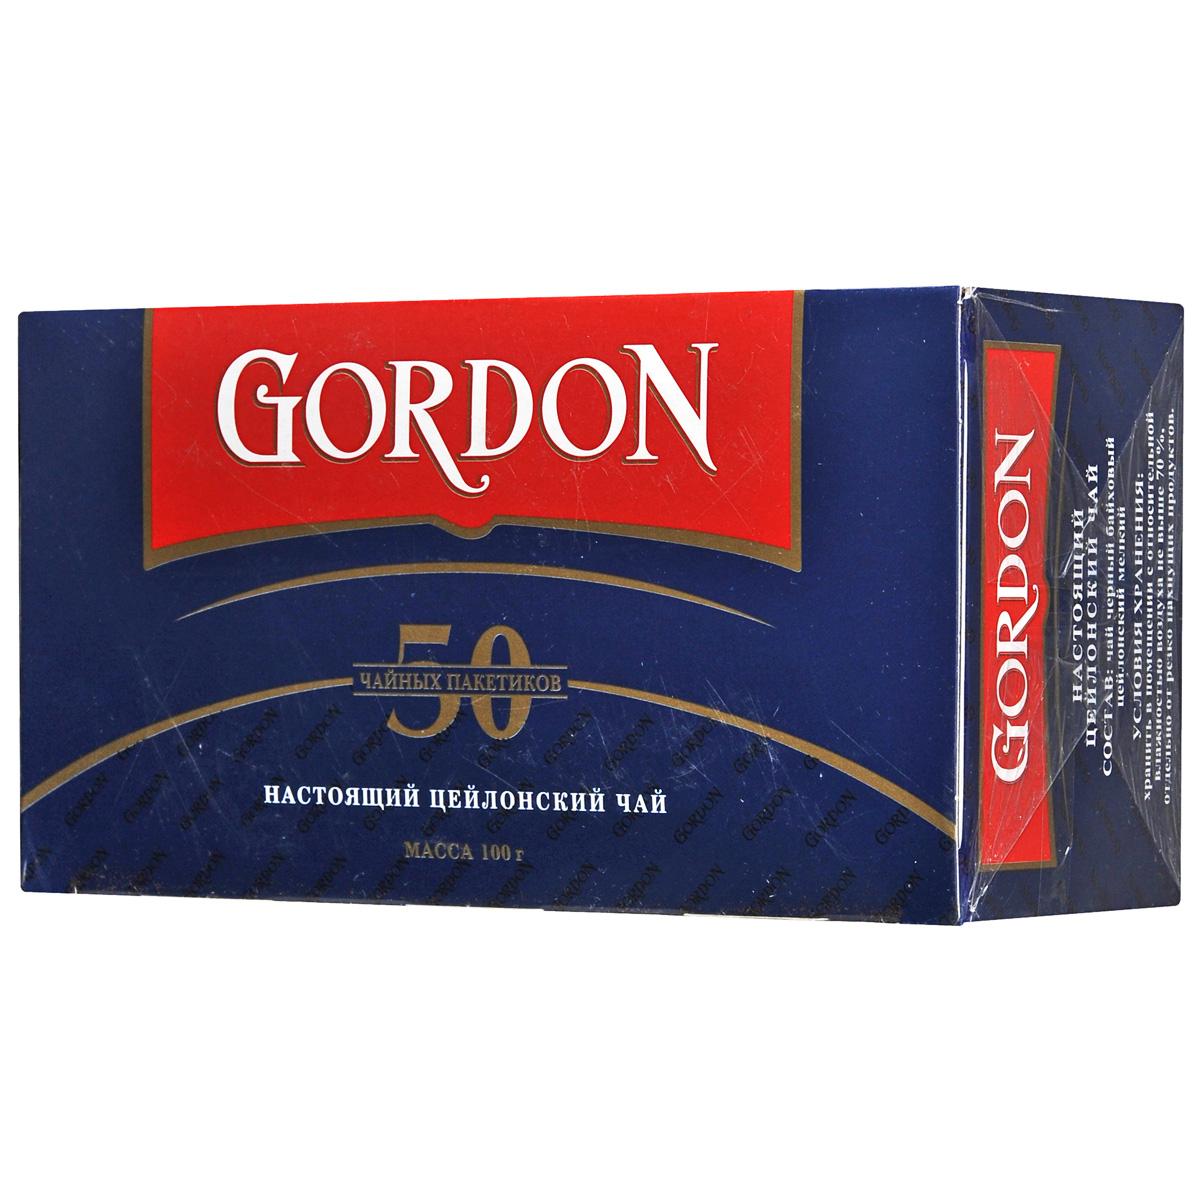 Gordon черный чай в пакетиках, 50 шт1060069Цейлонский черный чай Gordon в пакетиках порадует вас своим мягким вкусом и нежным ароматом.